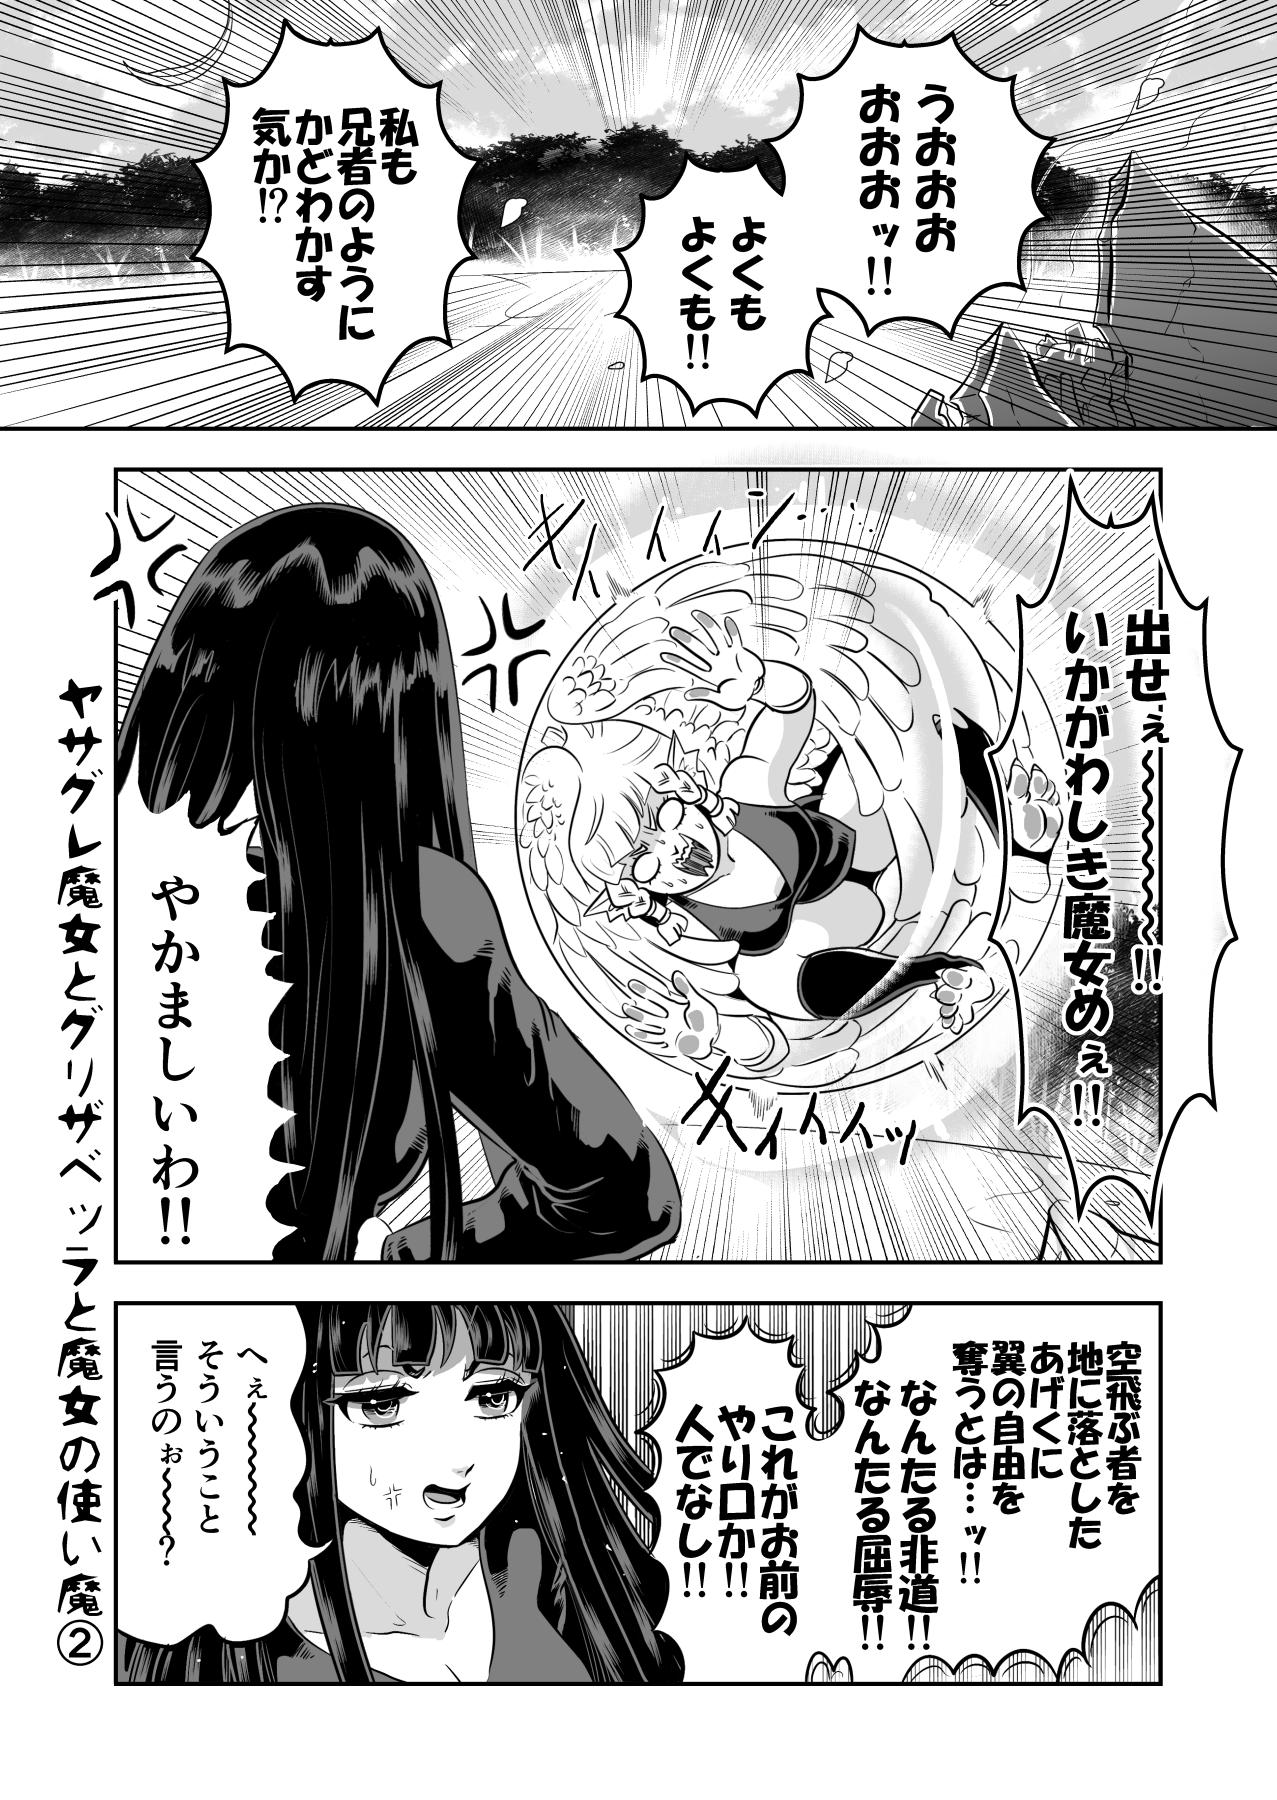 グリザベッラと魔女の使い魔② (1)